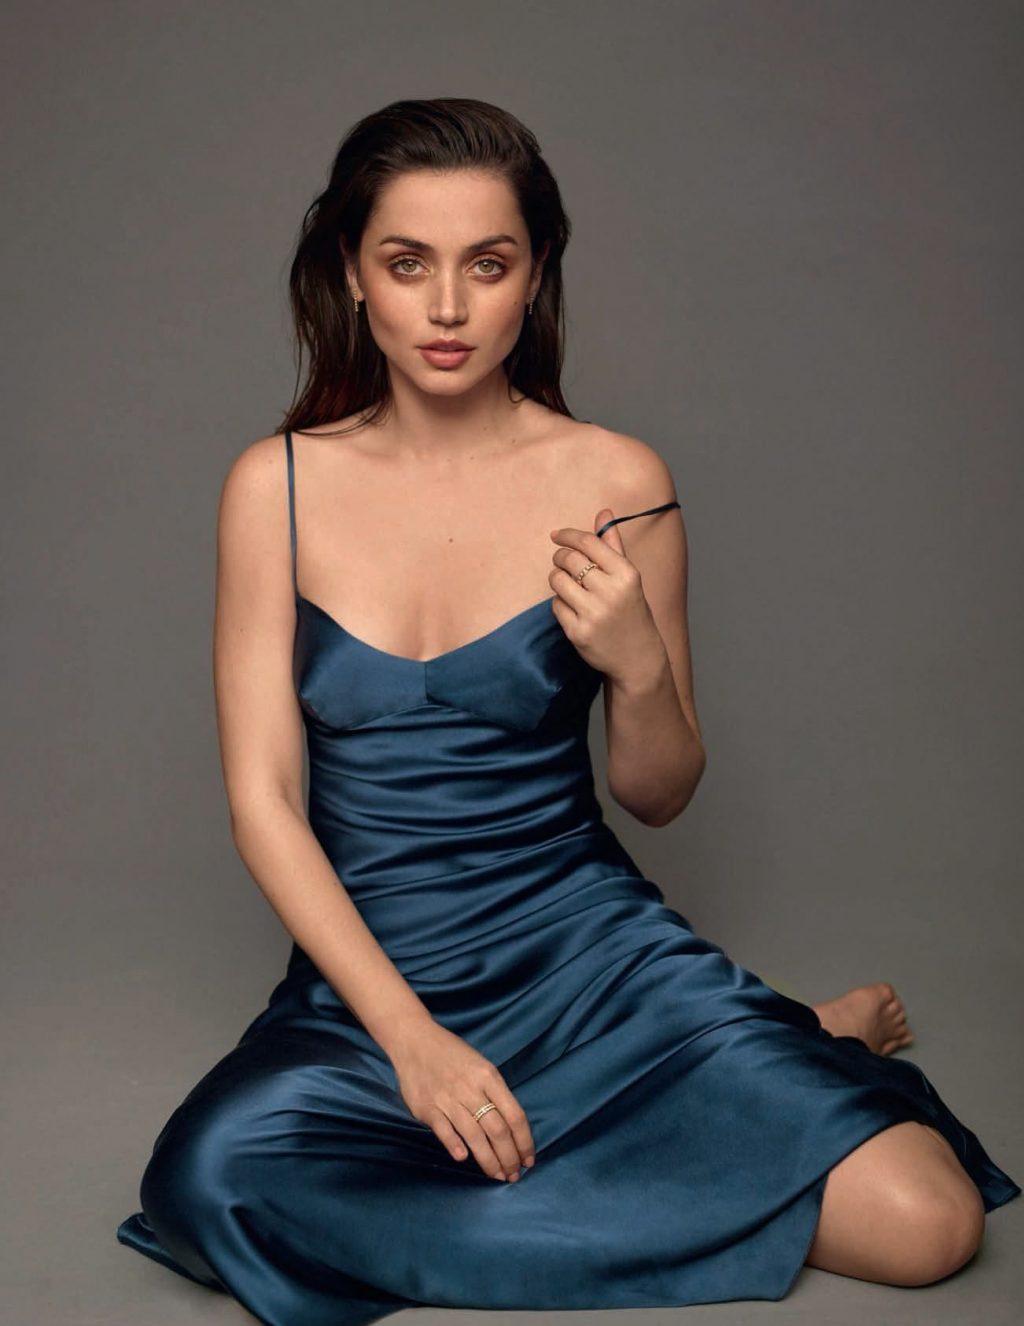 Ana de Armas Sexy – Vogue Spain April 2020 Issue (23 Photos)